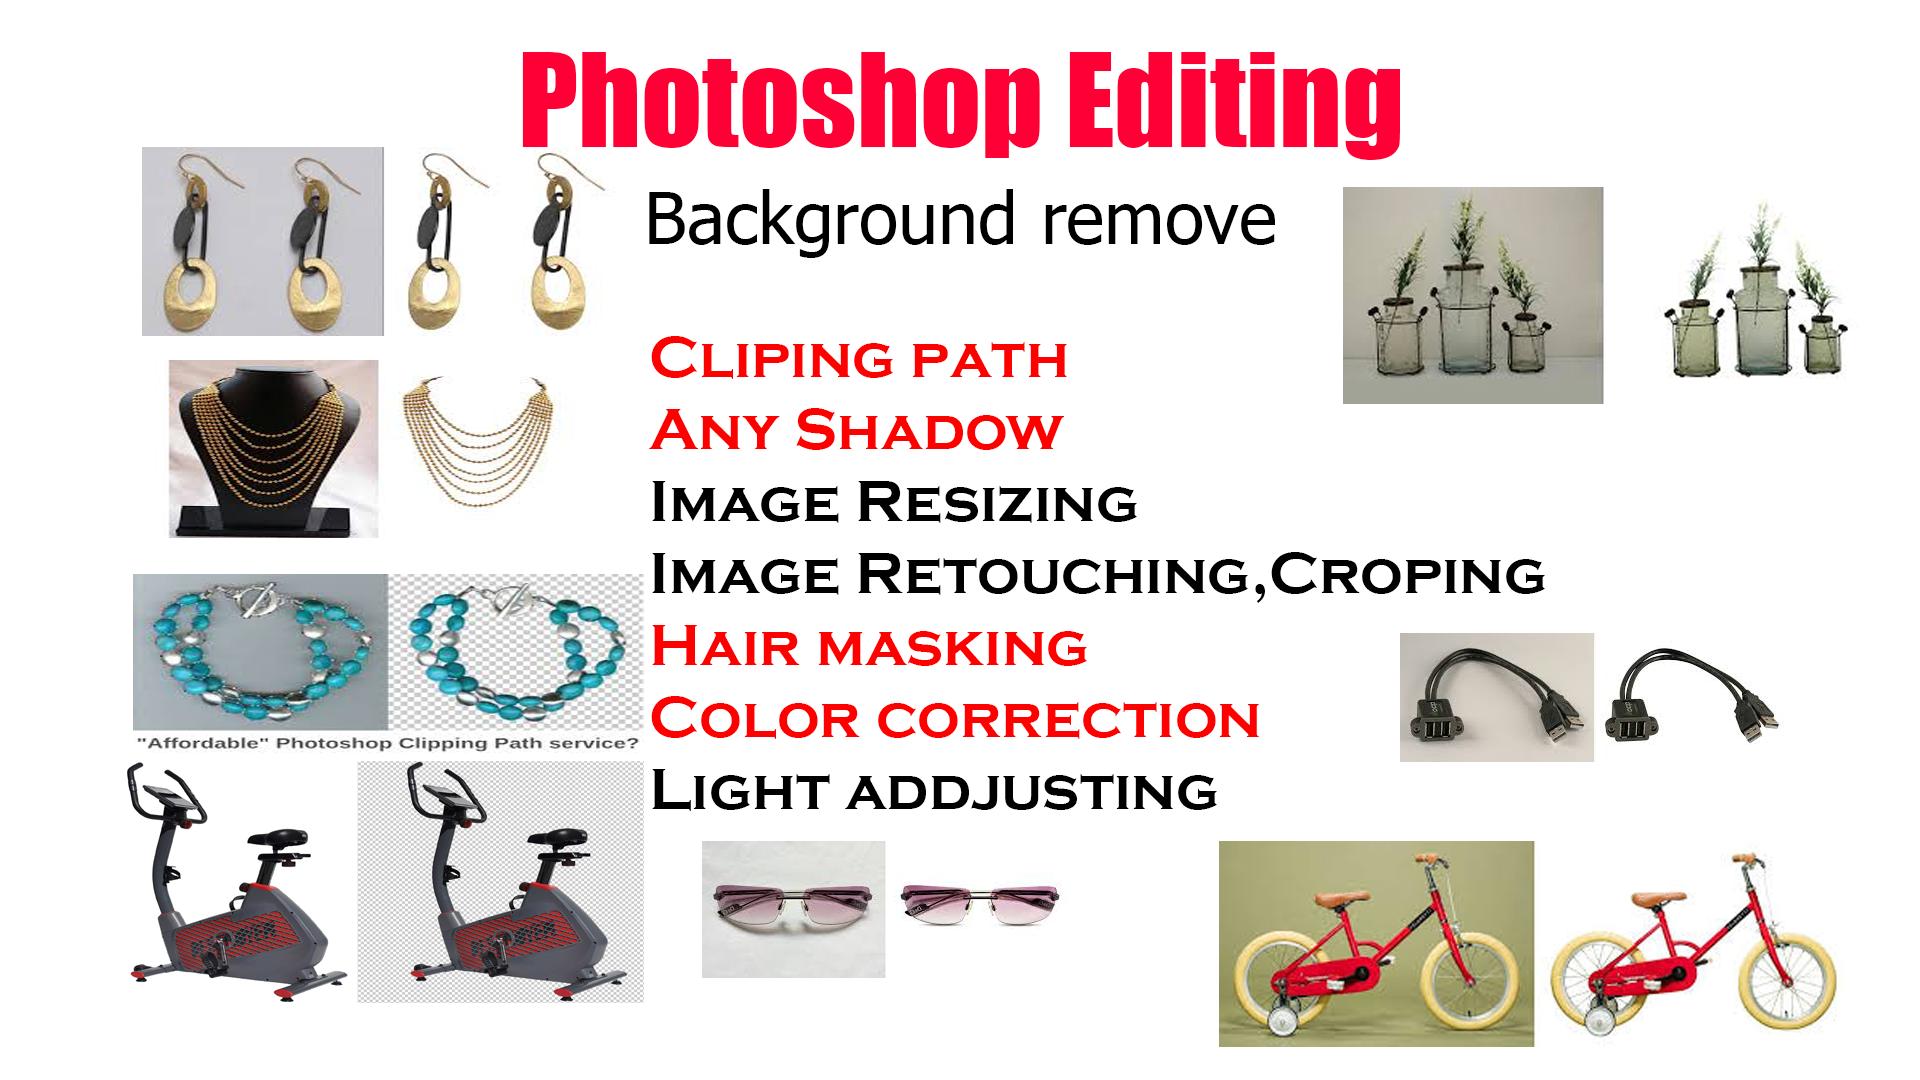 do any photo editing, background removal, resizing, retouching work